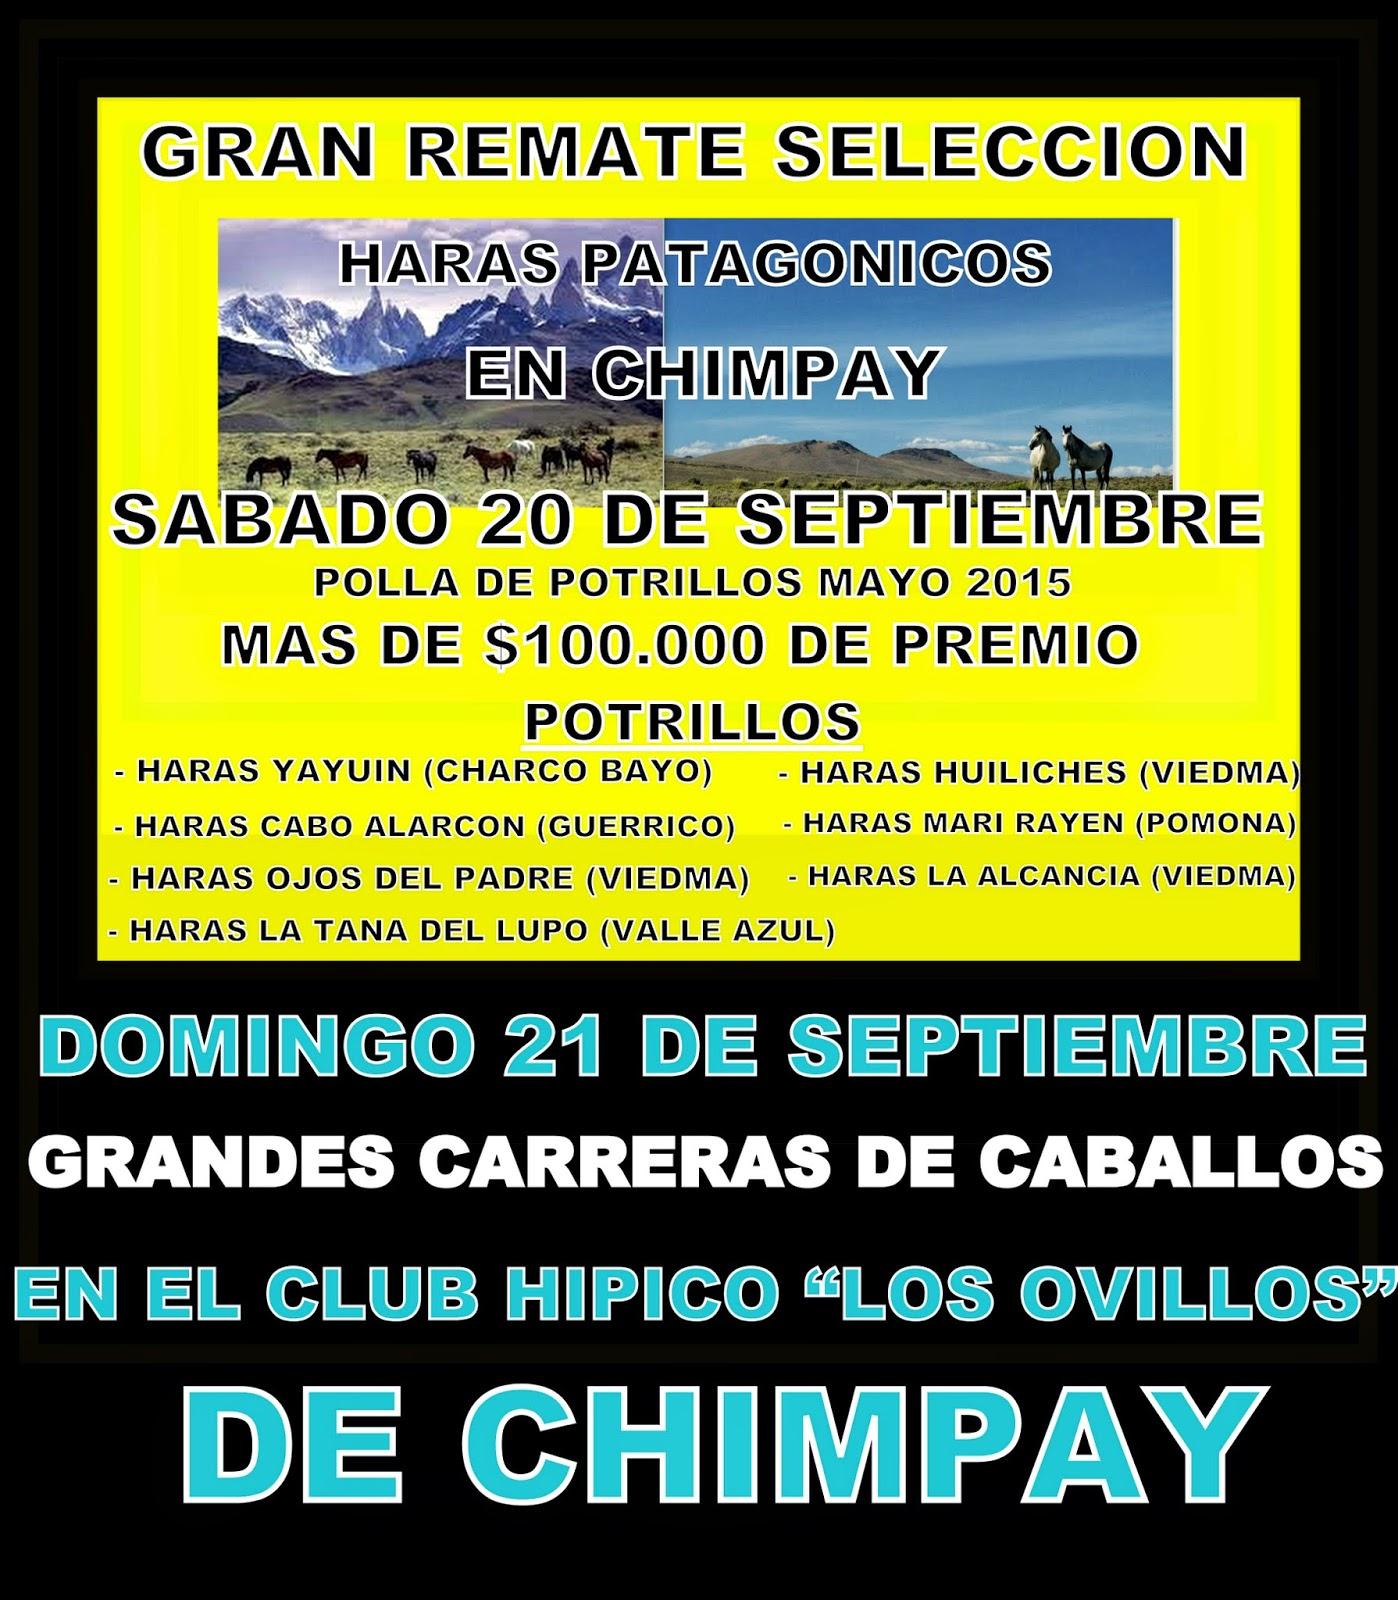 http://turfdelapatagonia.blogspot.com.ar/2014/09/20-y-2109-carreras-de-caballos-en.html